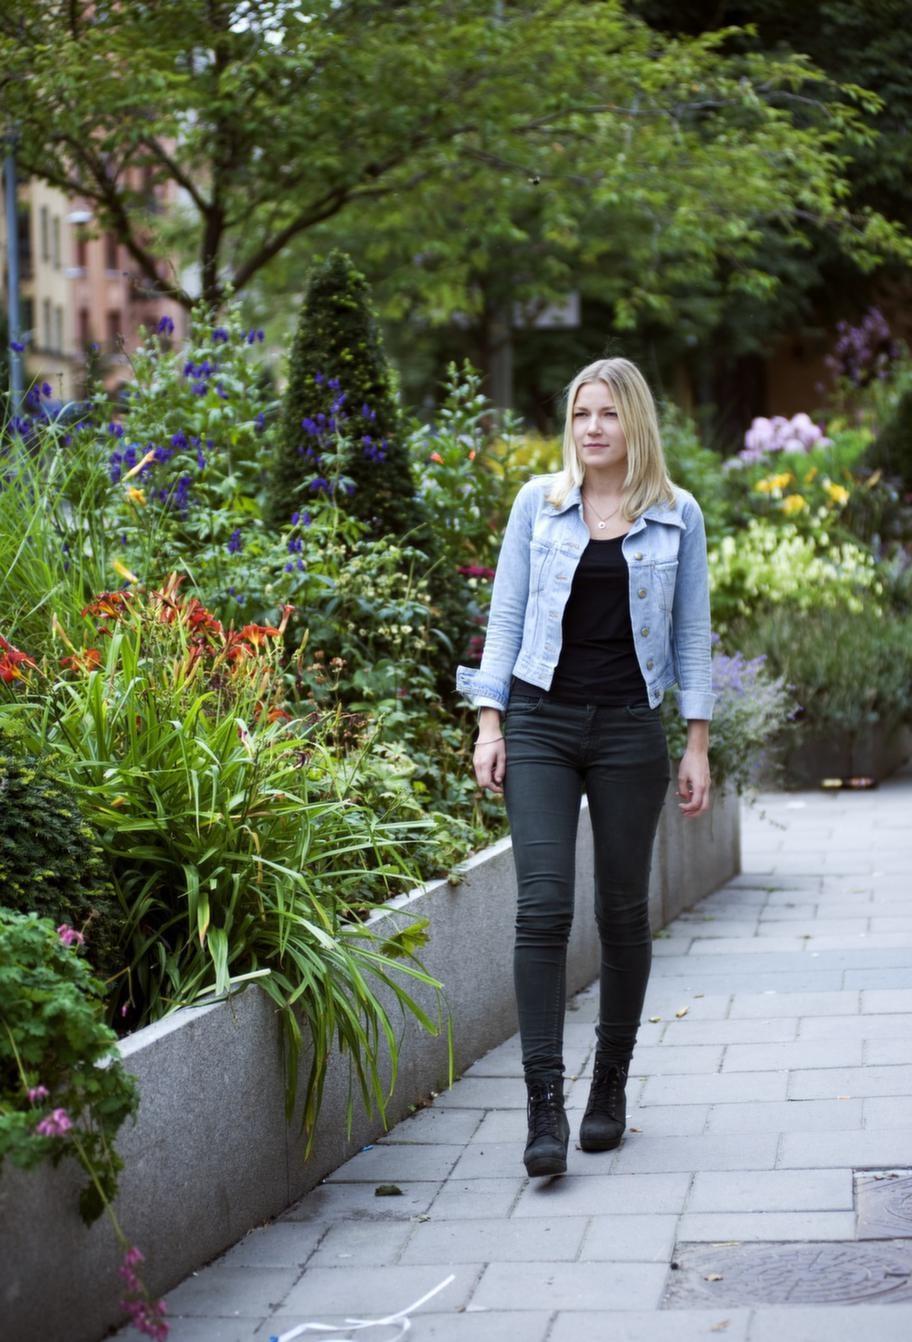 """VILL GE TILLBAKA. """"Forskning är viktigt, men det finns många saker som man behöver hjälp med som cancersjuk. Enkla saker som betyder mycket"""", säger Cathrine."""